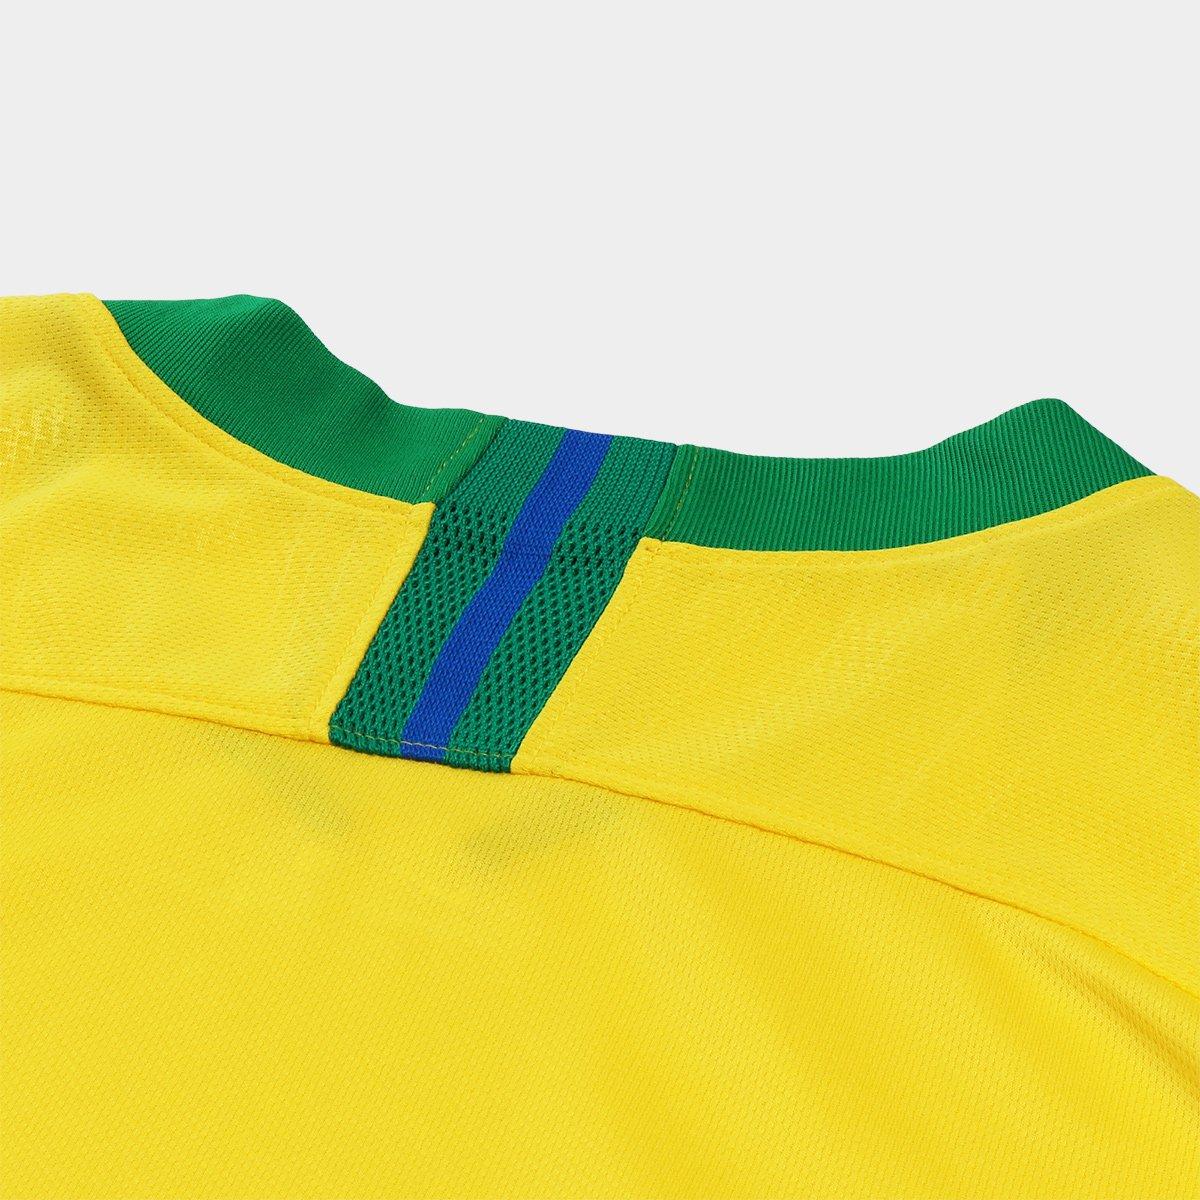 40e2de9e48 ... Camisa Seleção Brasil I 2018 nº 12 Marcelo - Torcedor Nike Masculina ...